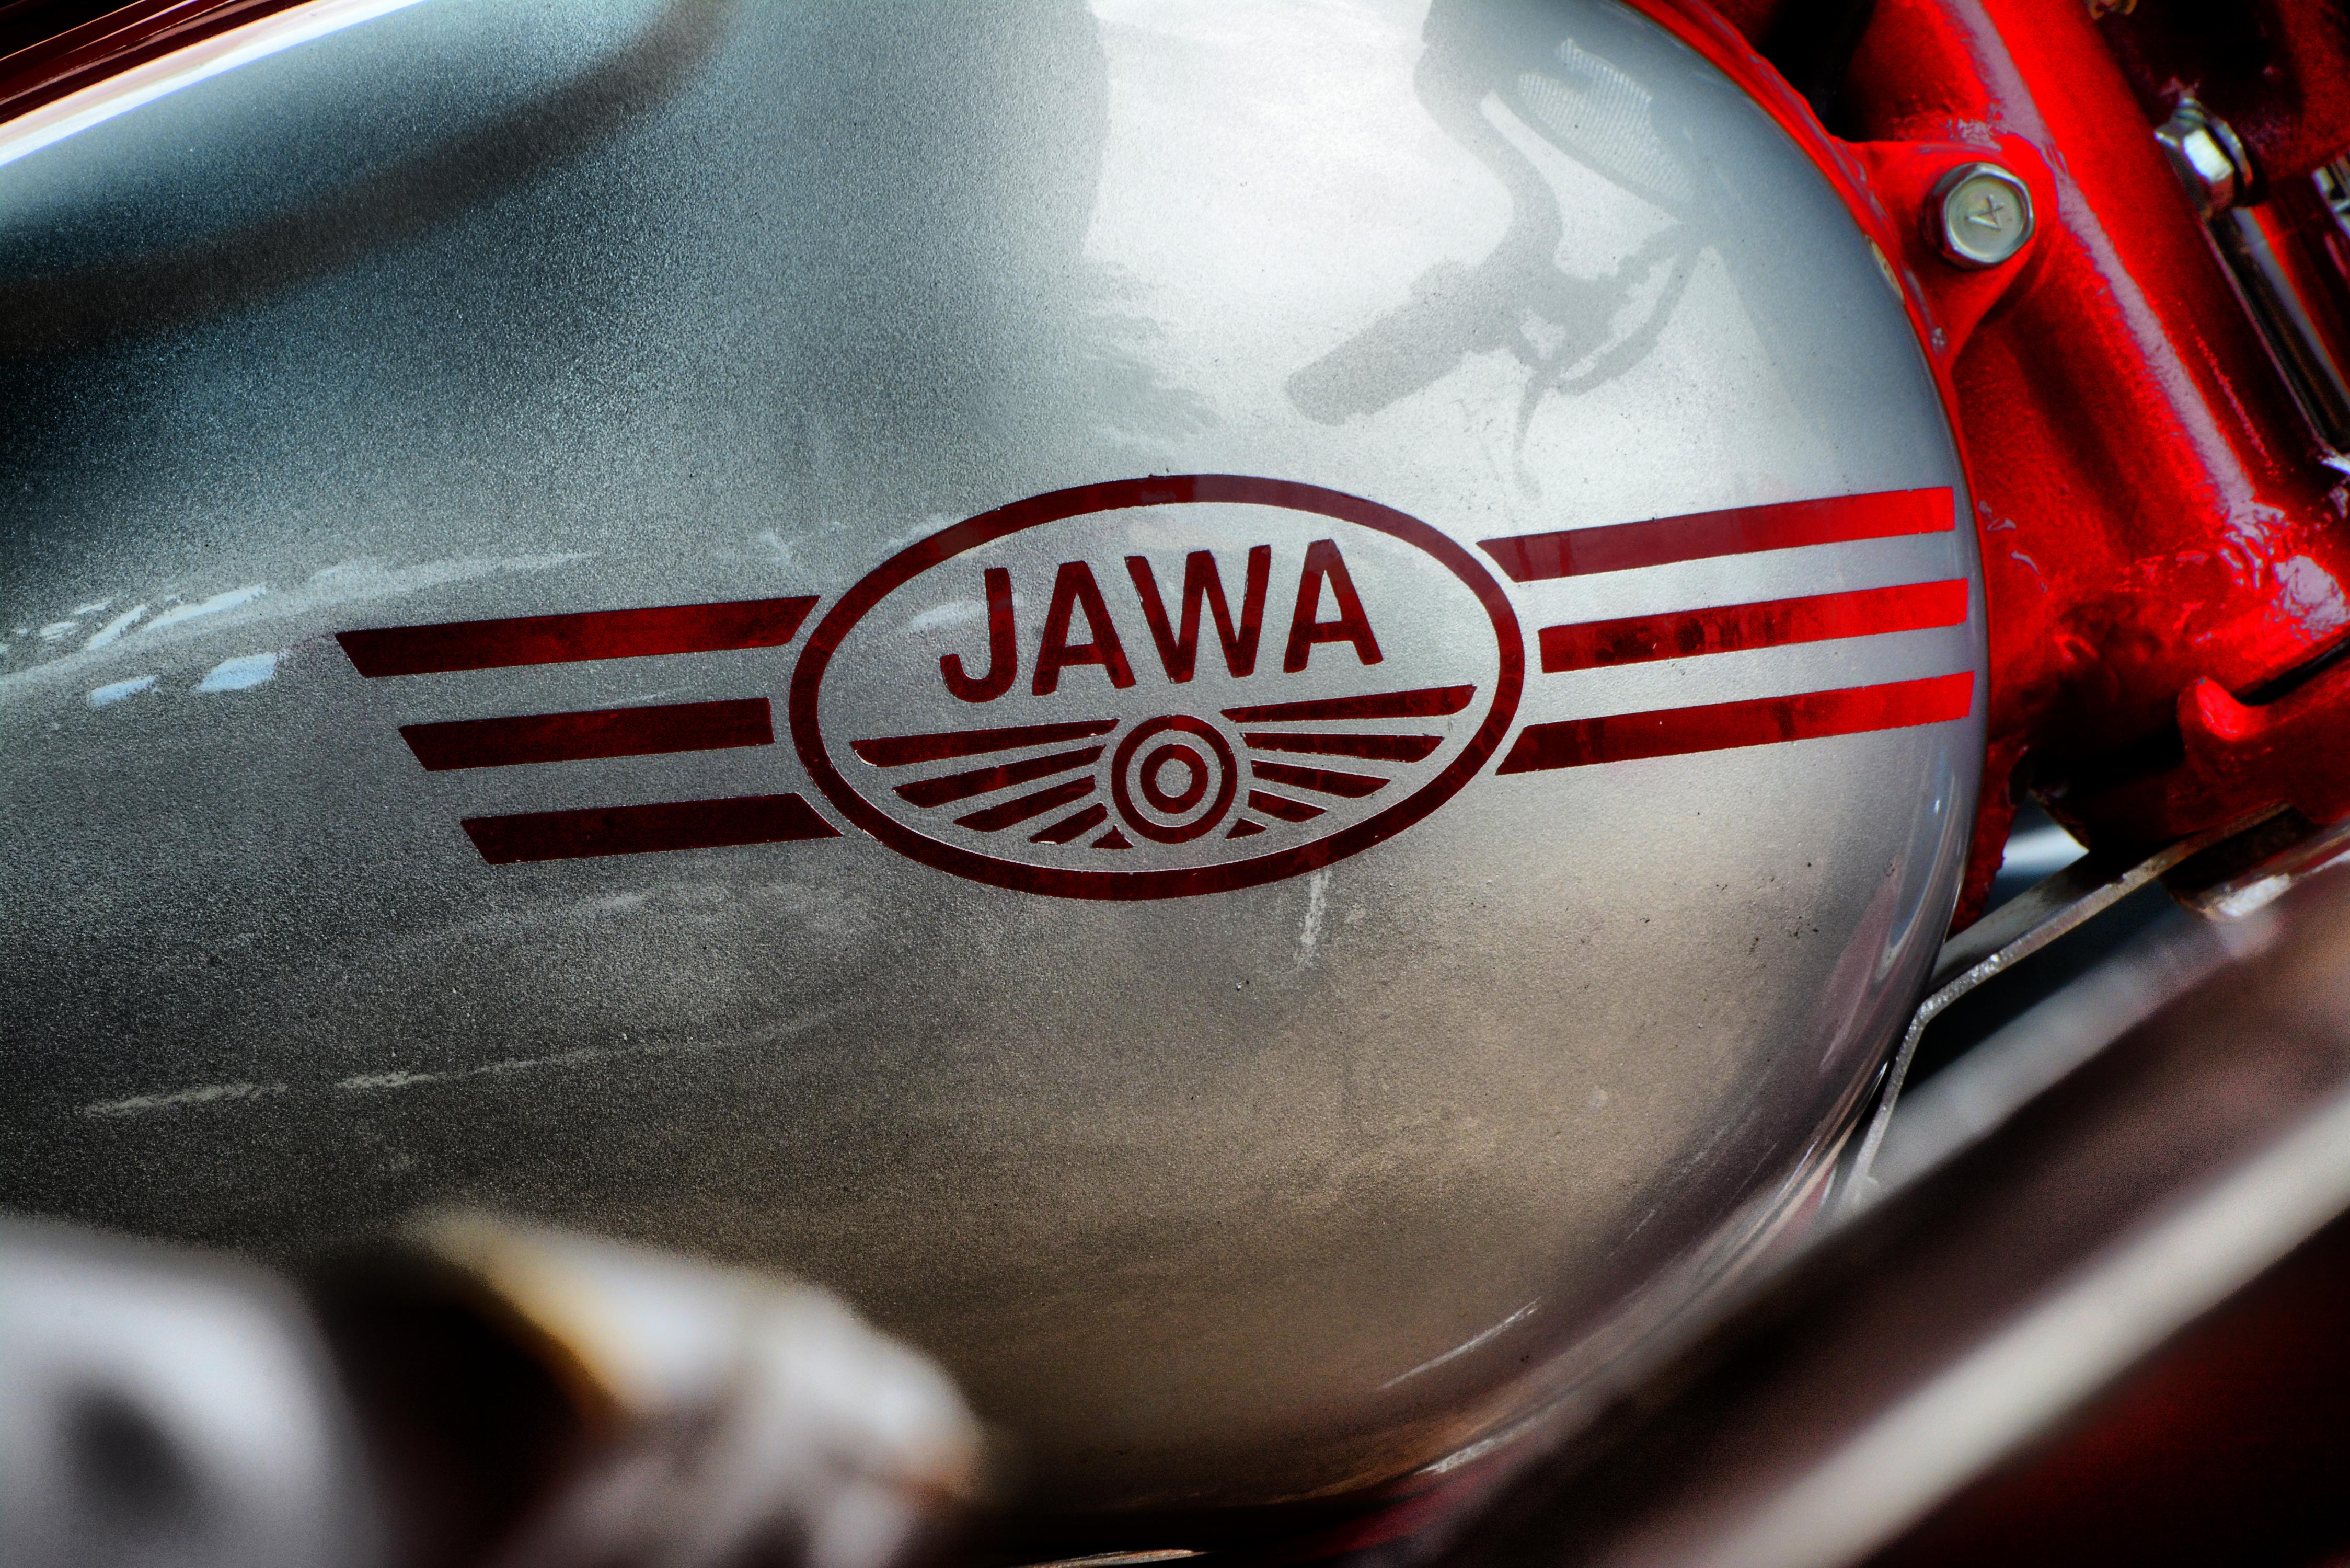 JAWA - Arte da Fotografia, por Miguel Costa Jr